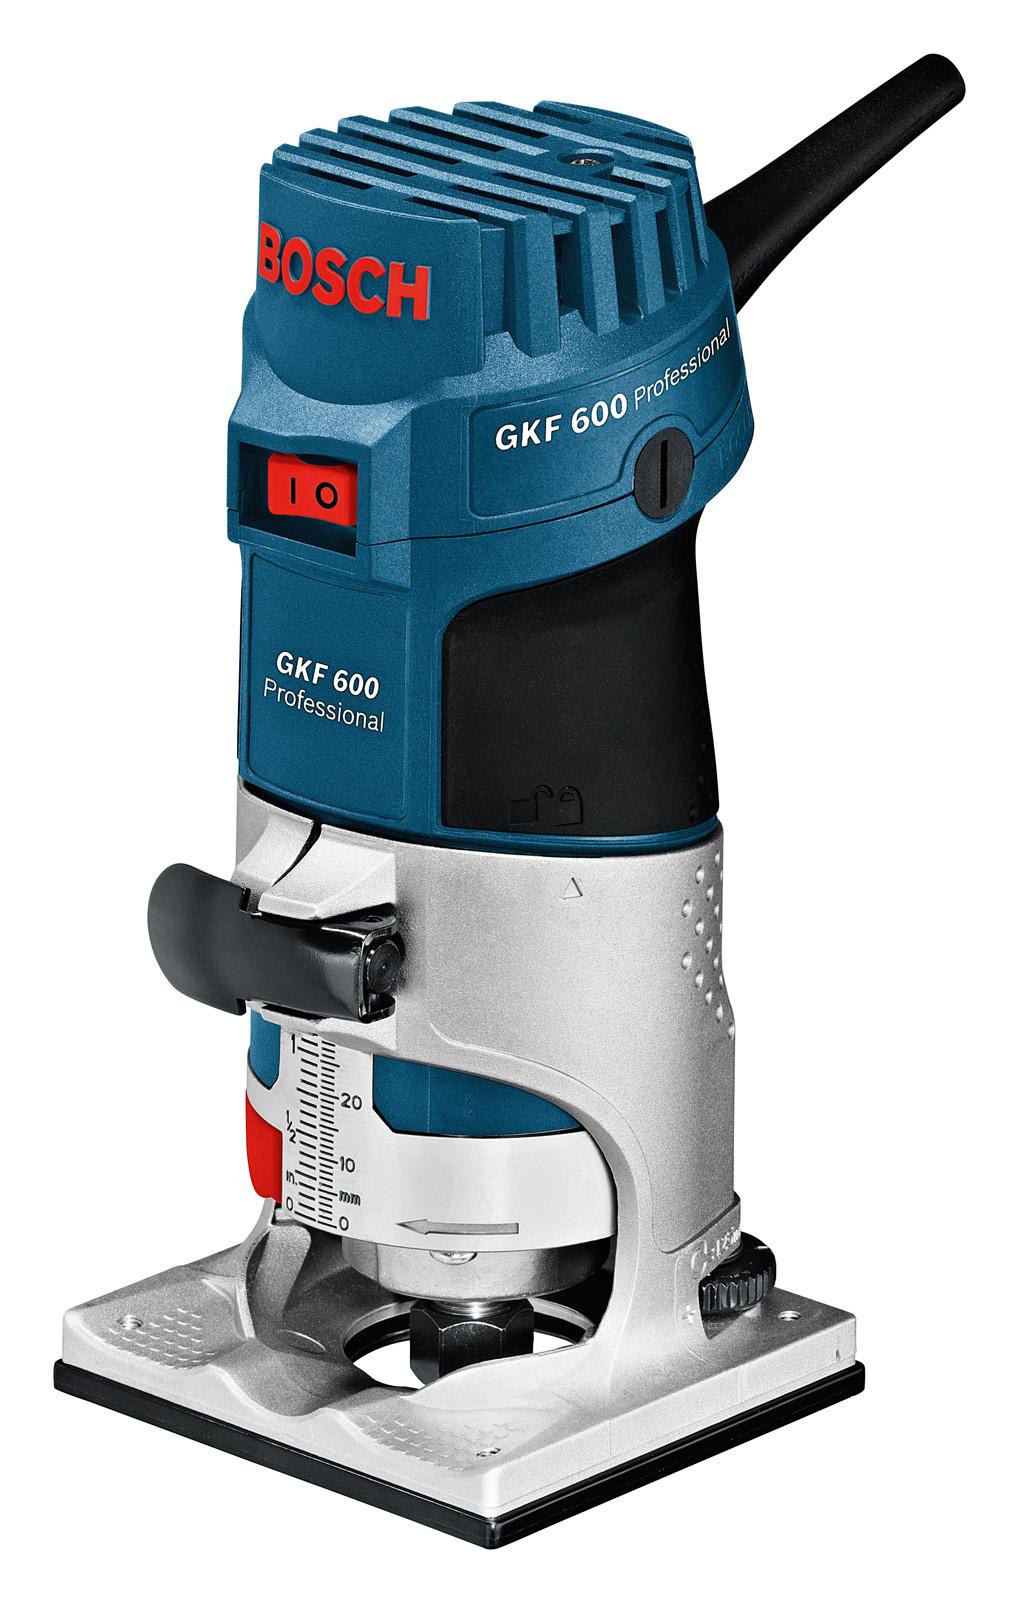 Кромочный фрезер Bosch Gkf 600 (0.601.60a.100) bosch gkf 600 professional 060160a101 page 3